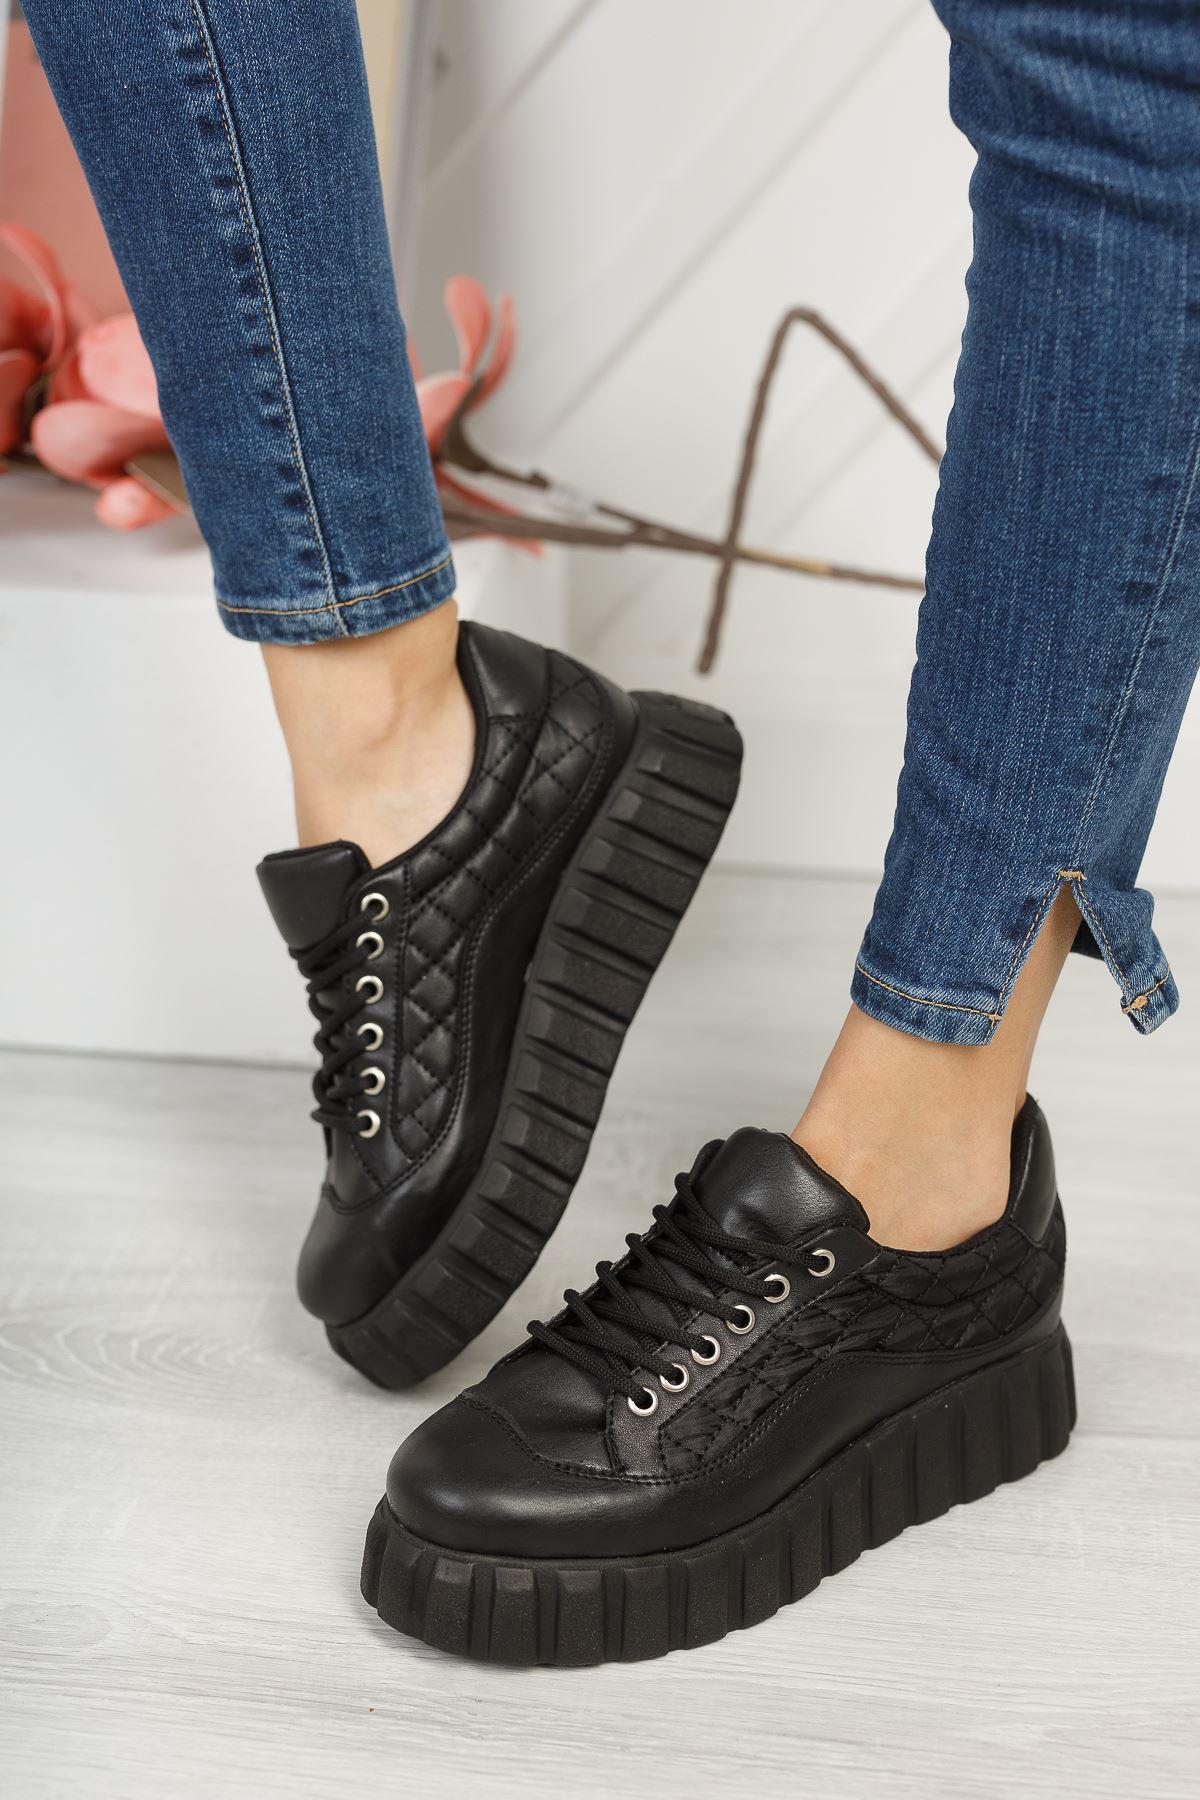 Juliet Siyah Kadın Spor Ayakkabı